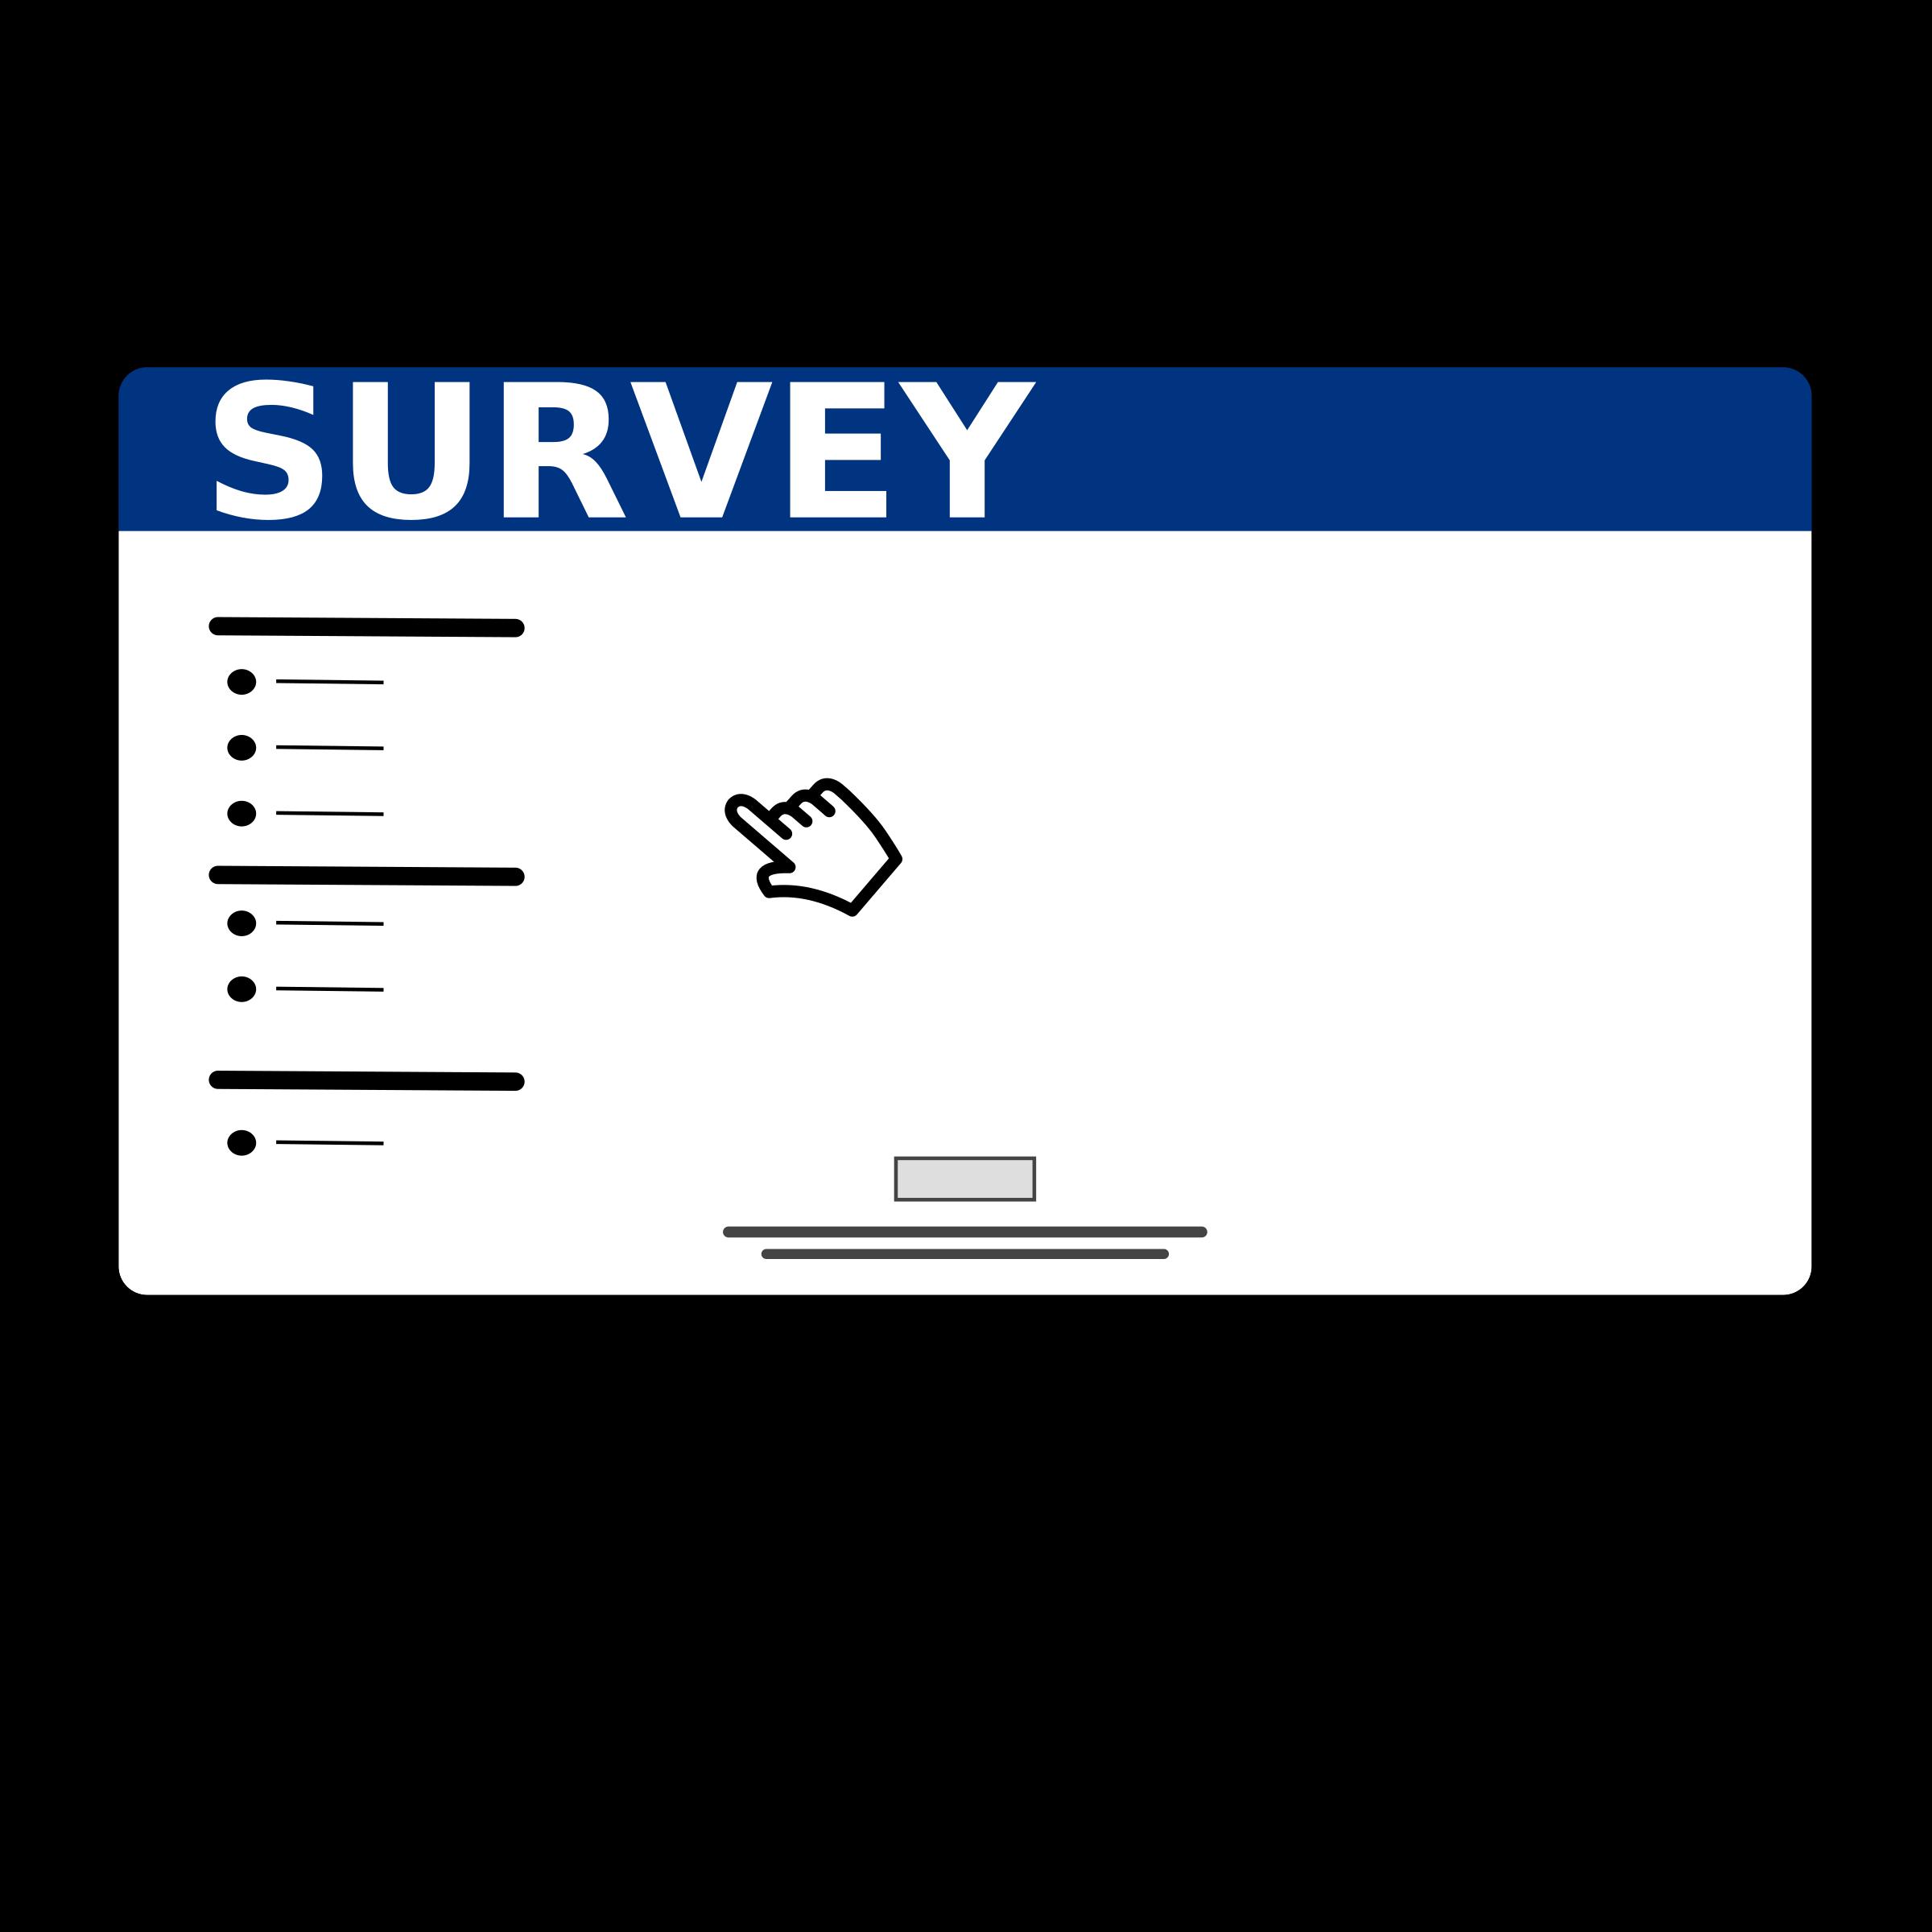 Survey Clipart.